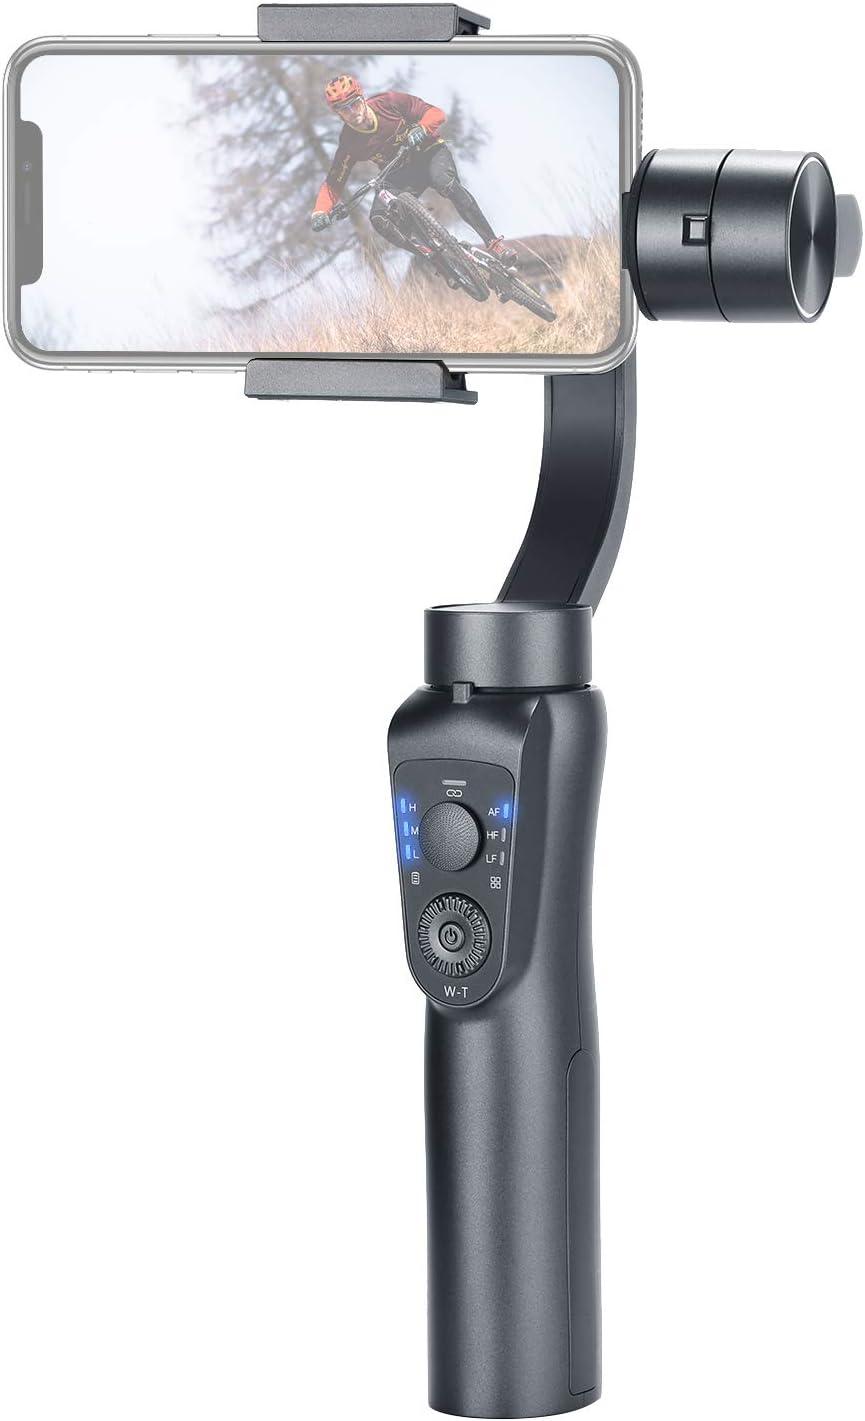 Neewer Cardán Estabilizador Mano 3-Eje con Control Zoom Auto Seguimiento 2 Maneras Carga USB para iPhoneXs MAX XR X 8Plus 8 7 6 Smartphone Samsung Galaxy S9+ S9 S8+ S8 S7 Huawei